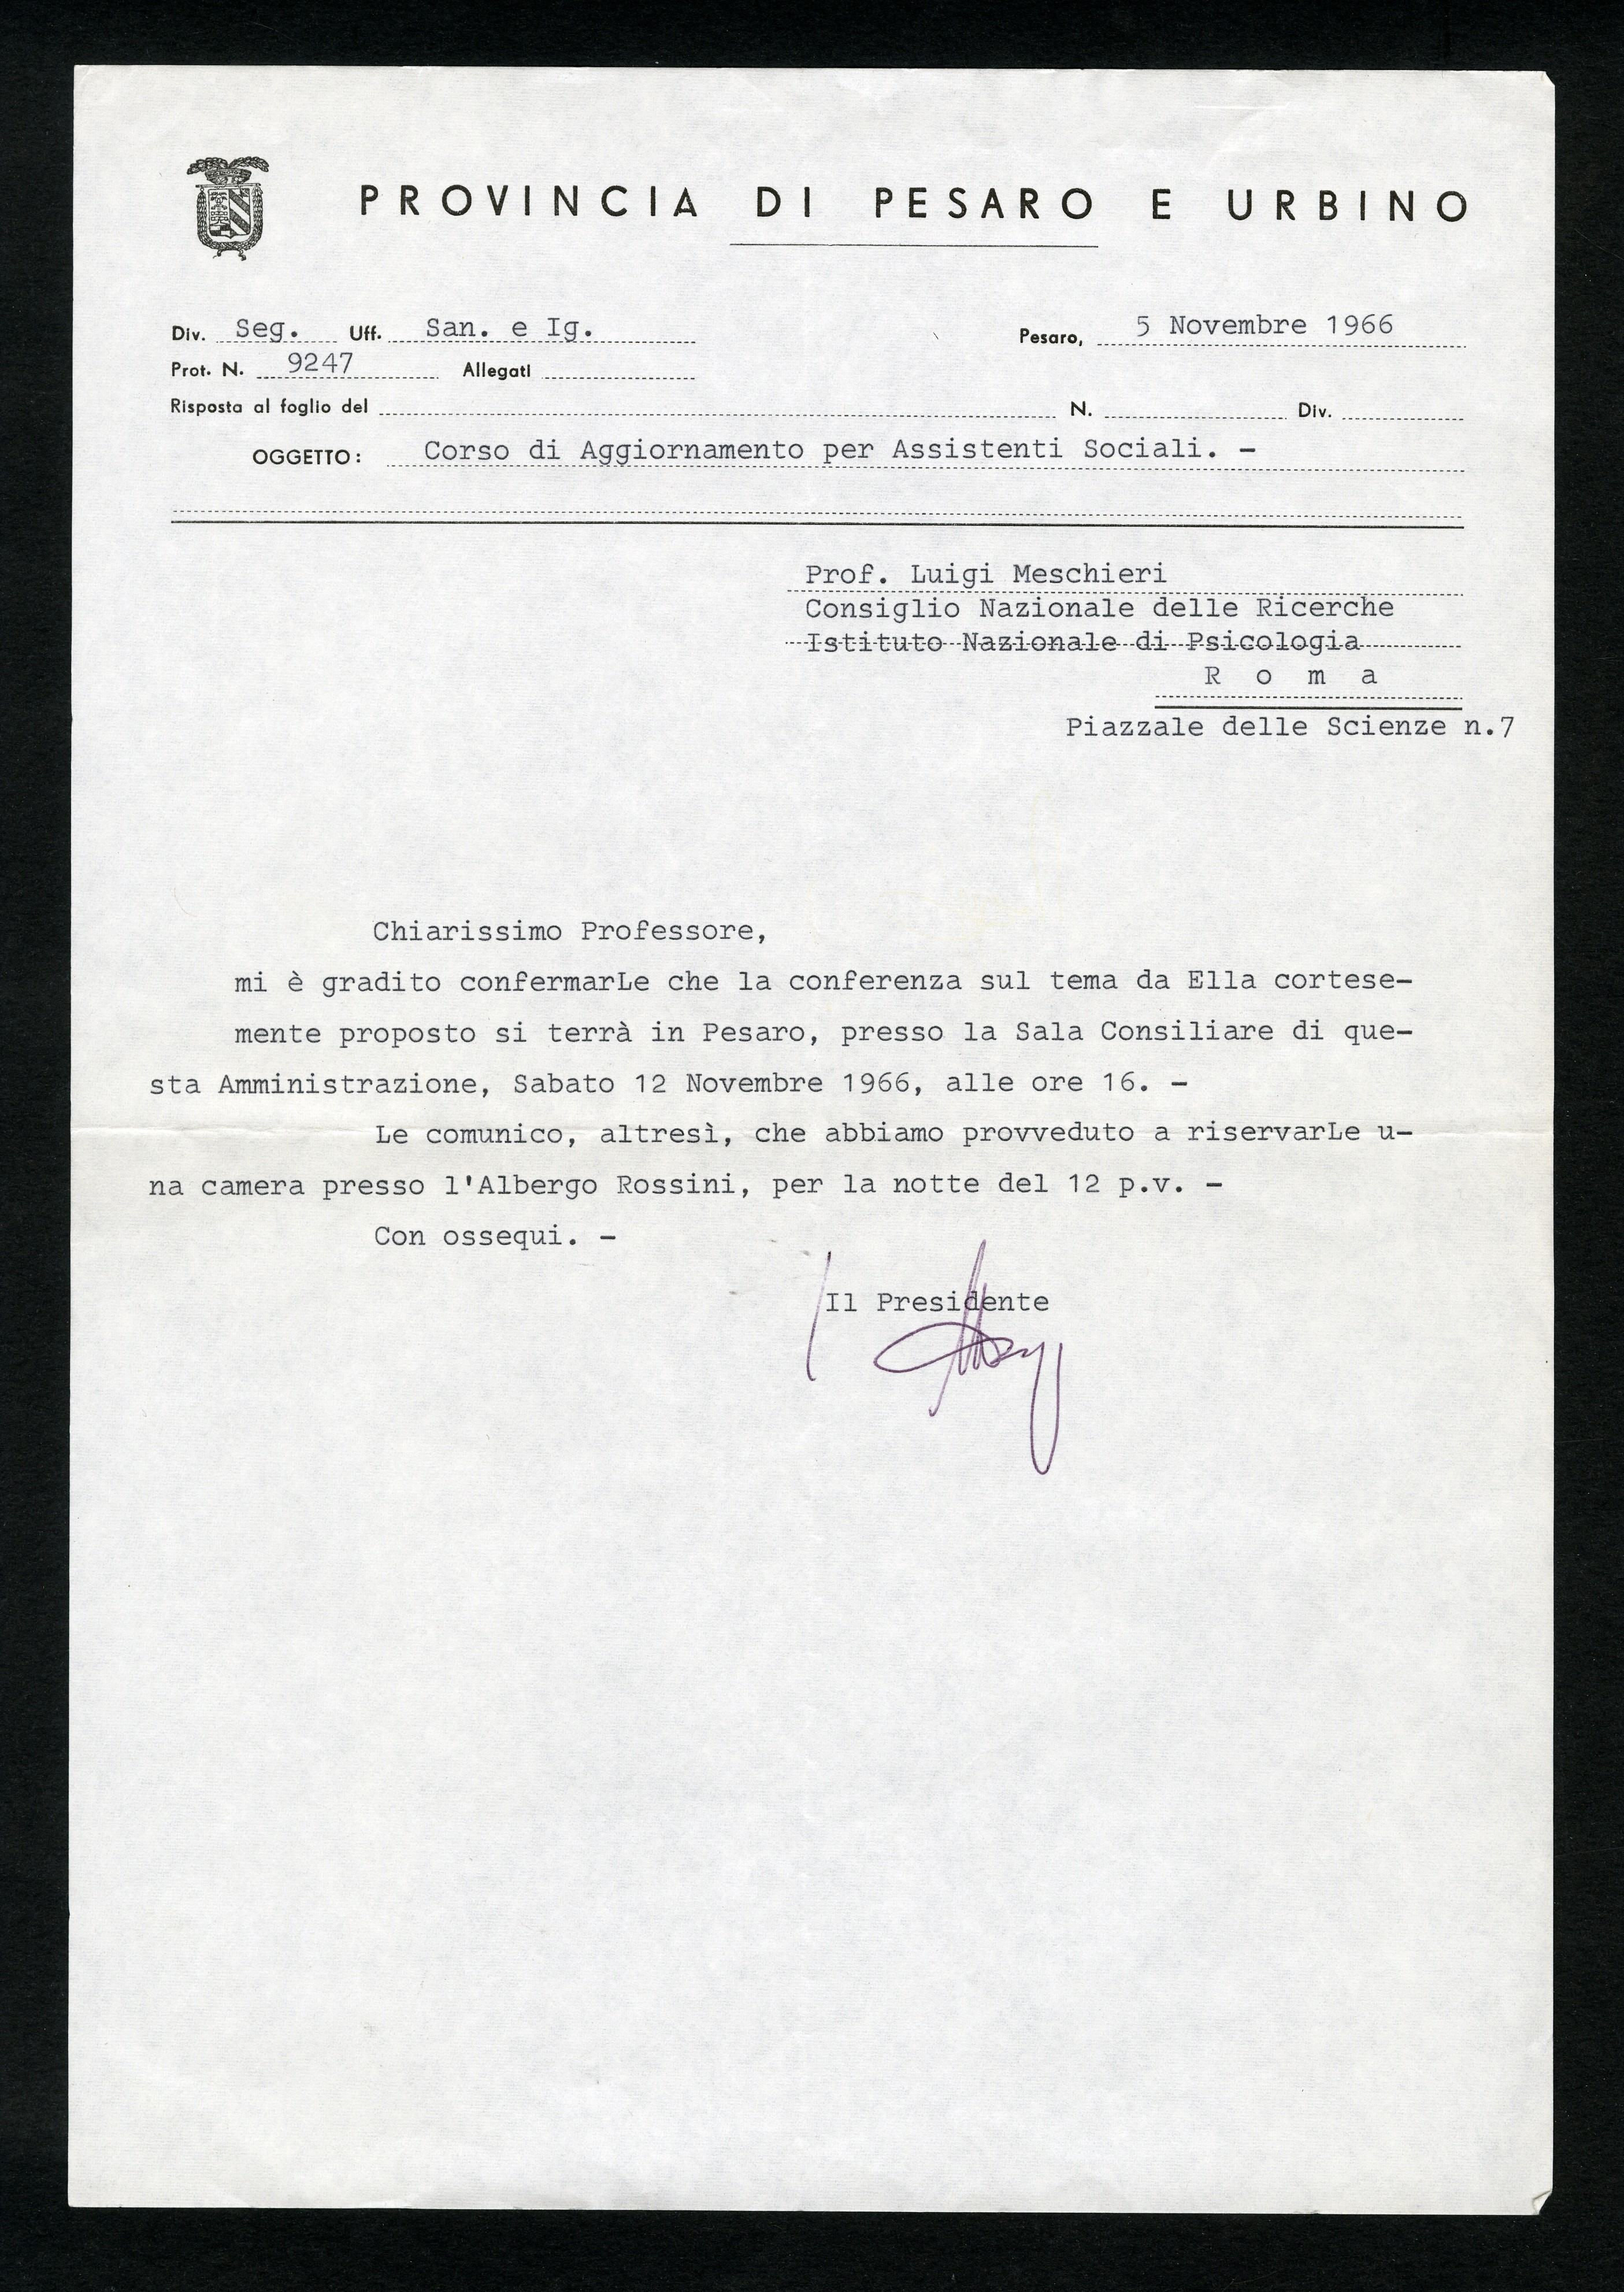 Provincia di Pesaro e Urbino - Aspi - Archivio storico della ... d42a7c06cbd0